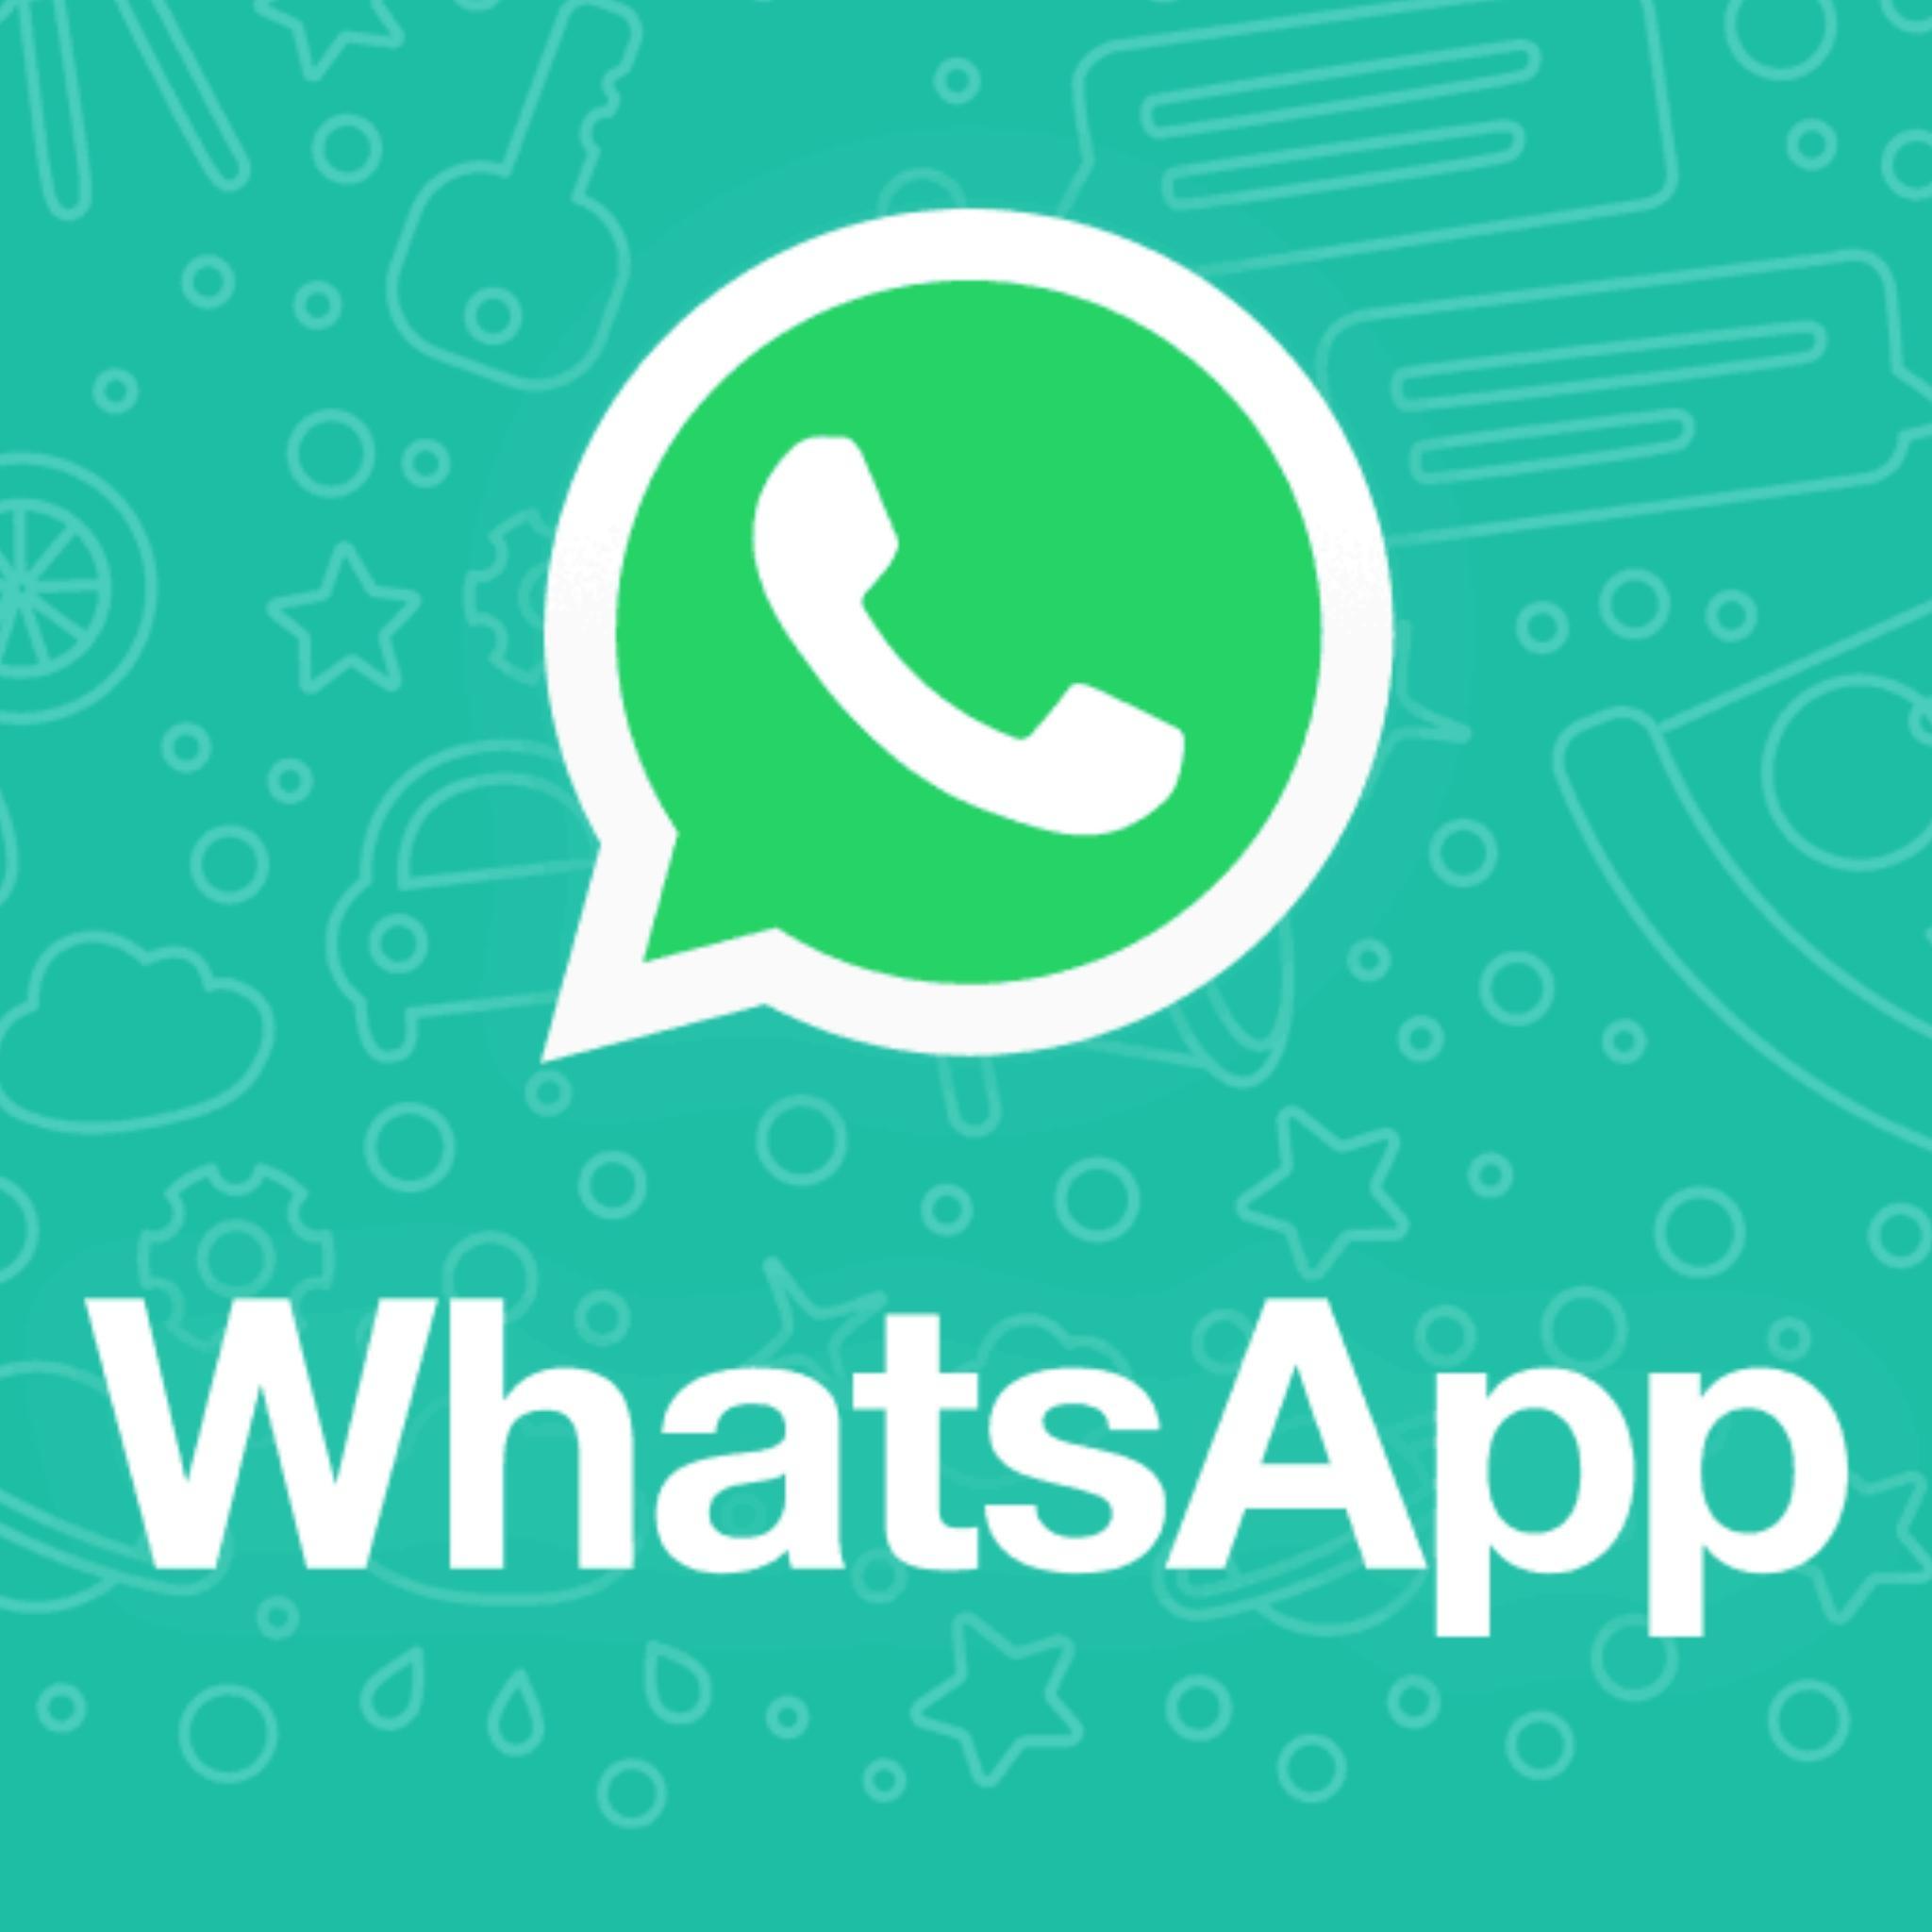 https://www.indiantelevision.com/sites/default/files/styles/smartcrop_800x800/public/images/tv-images/2021/06/23/photogrid_plus_1624439400904.jpg?itok=P6-dguHq